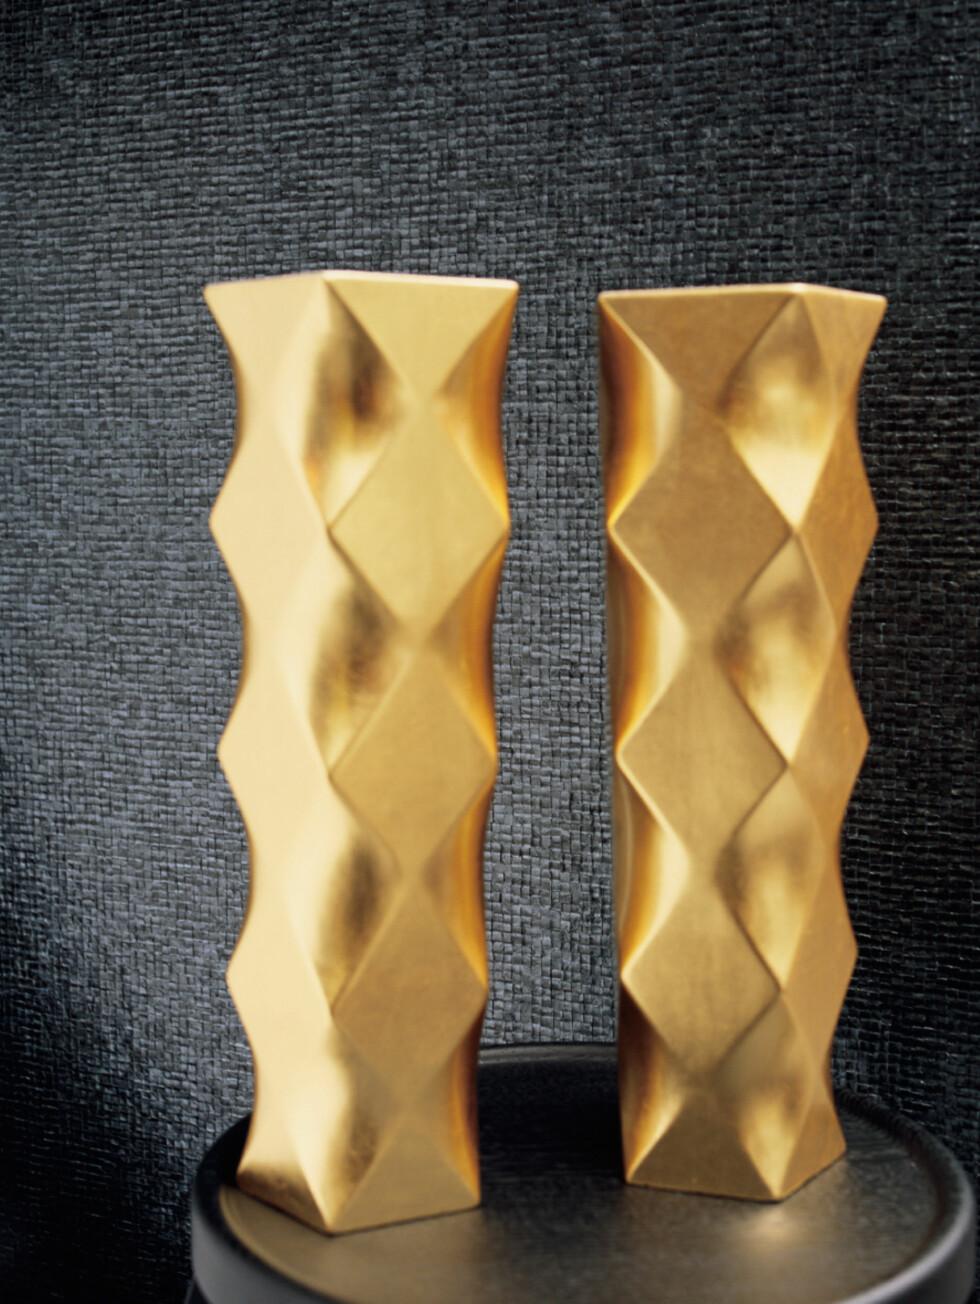 Fliser? Glassmosaikk? Nei, vinyltapet fra Holmen-Tex. Tapetet kommer også med mønster, og er vaskbar. Pris: Rundt 2.000 kroner per rull. Foto: Holmen-Tex